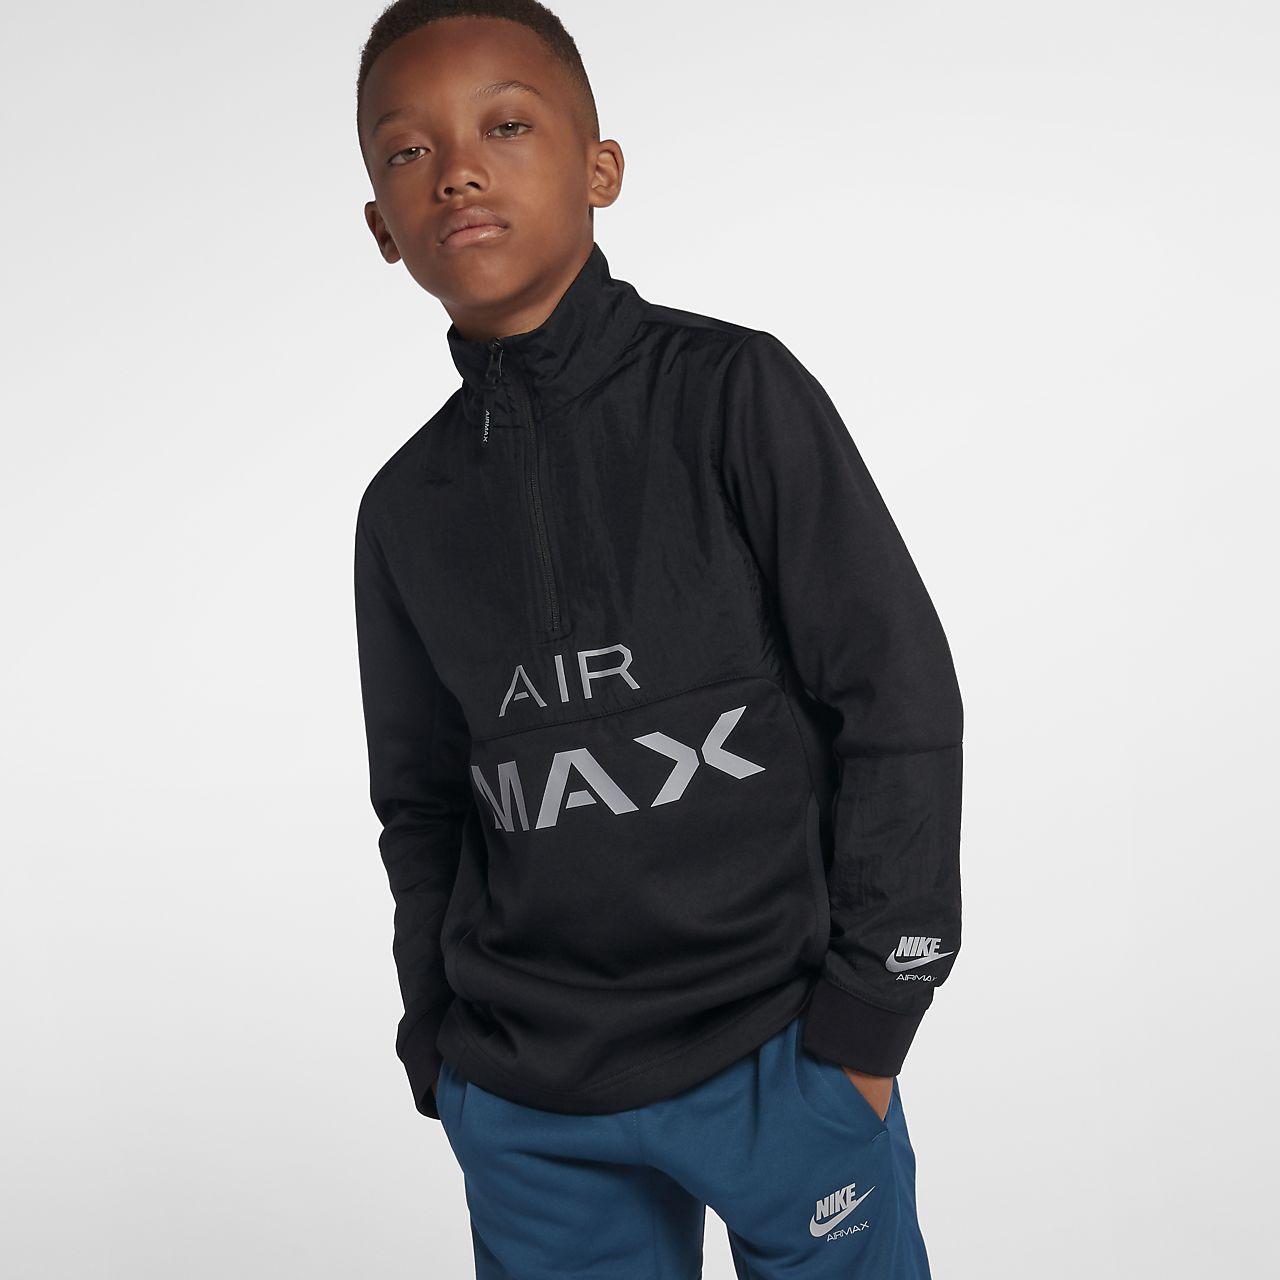 Nike Air Max løpejakke til store barn (gutt)